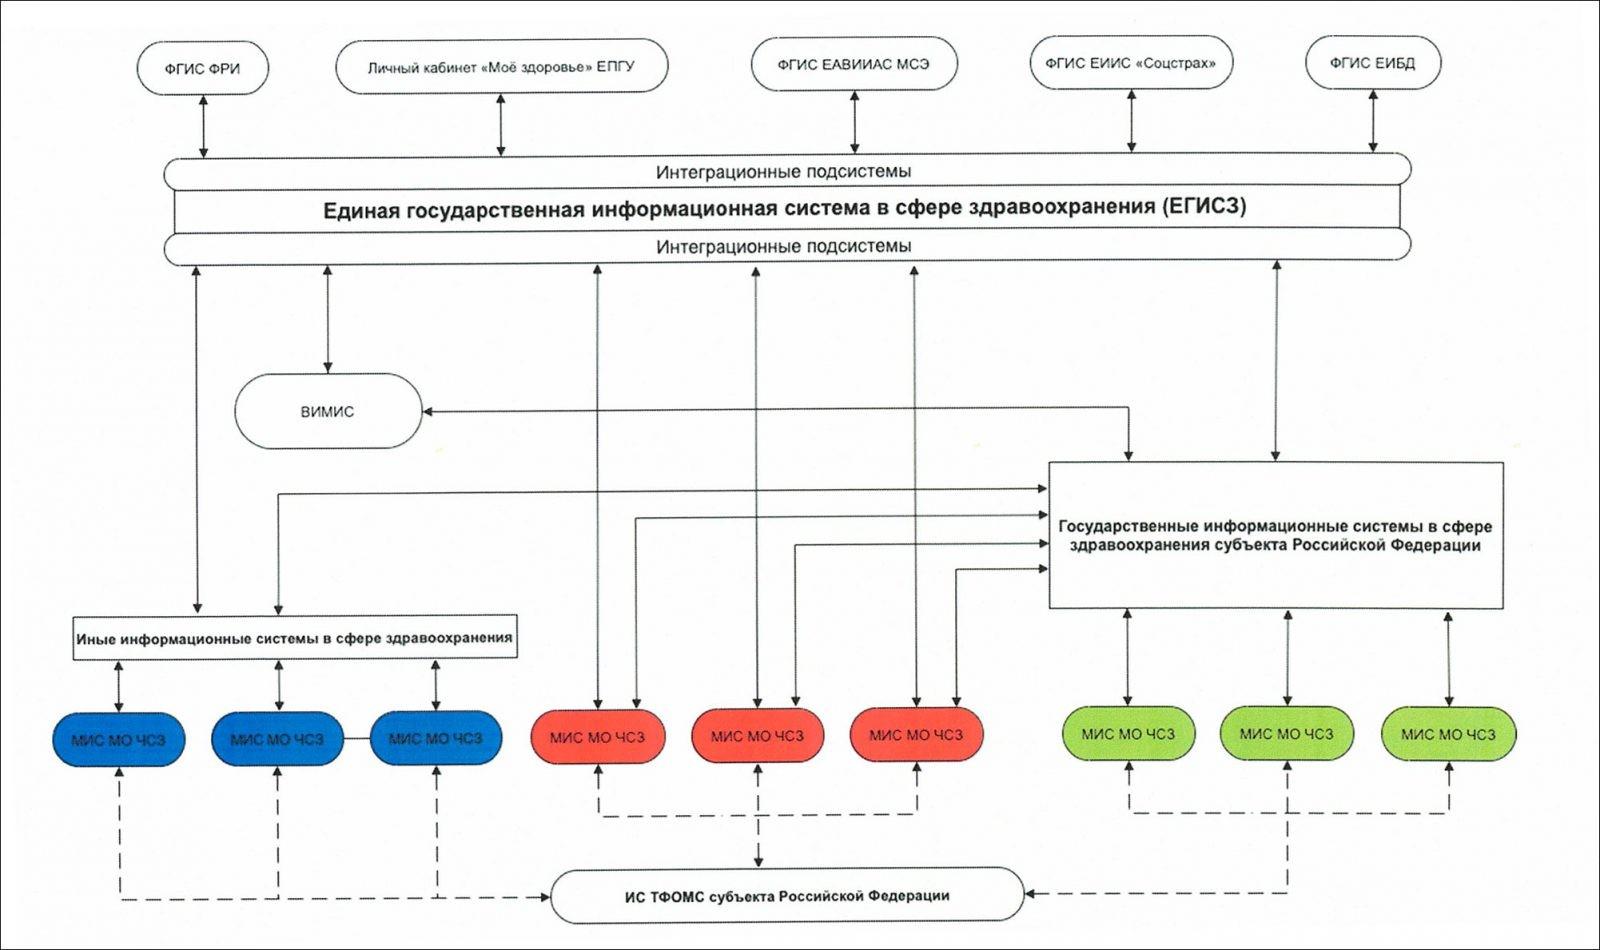 Опубликованы методические рекомендации по подключению к ЕГИСЗ информсистем частных медорганизаций